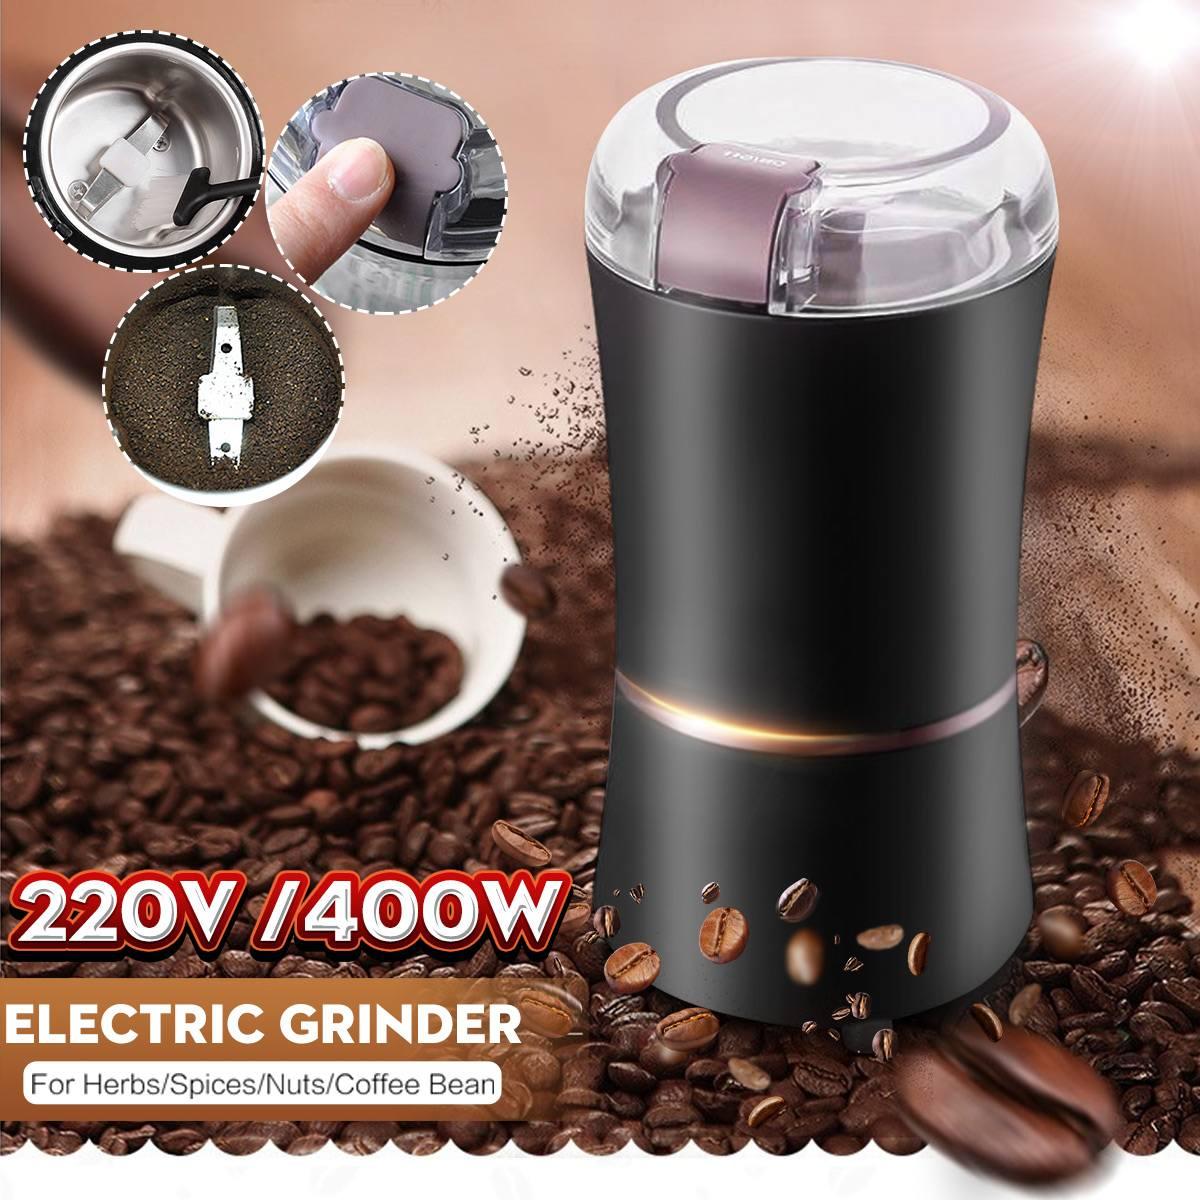 Leistungsstarke 220V 400W Elektrische Kaffeemühle Maschine Bean Mixer Für Home Küche Büro Heimgebrauch Kaffee Maker/ gewürze/Mutter/Samen